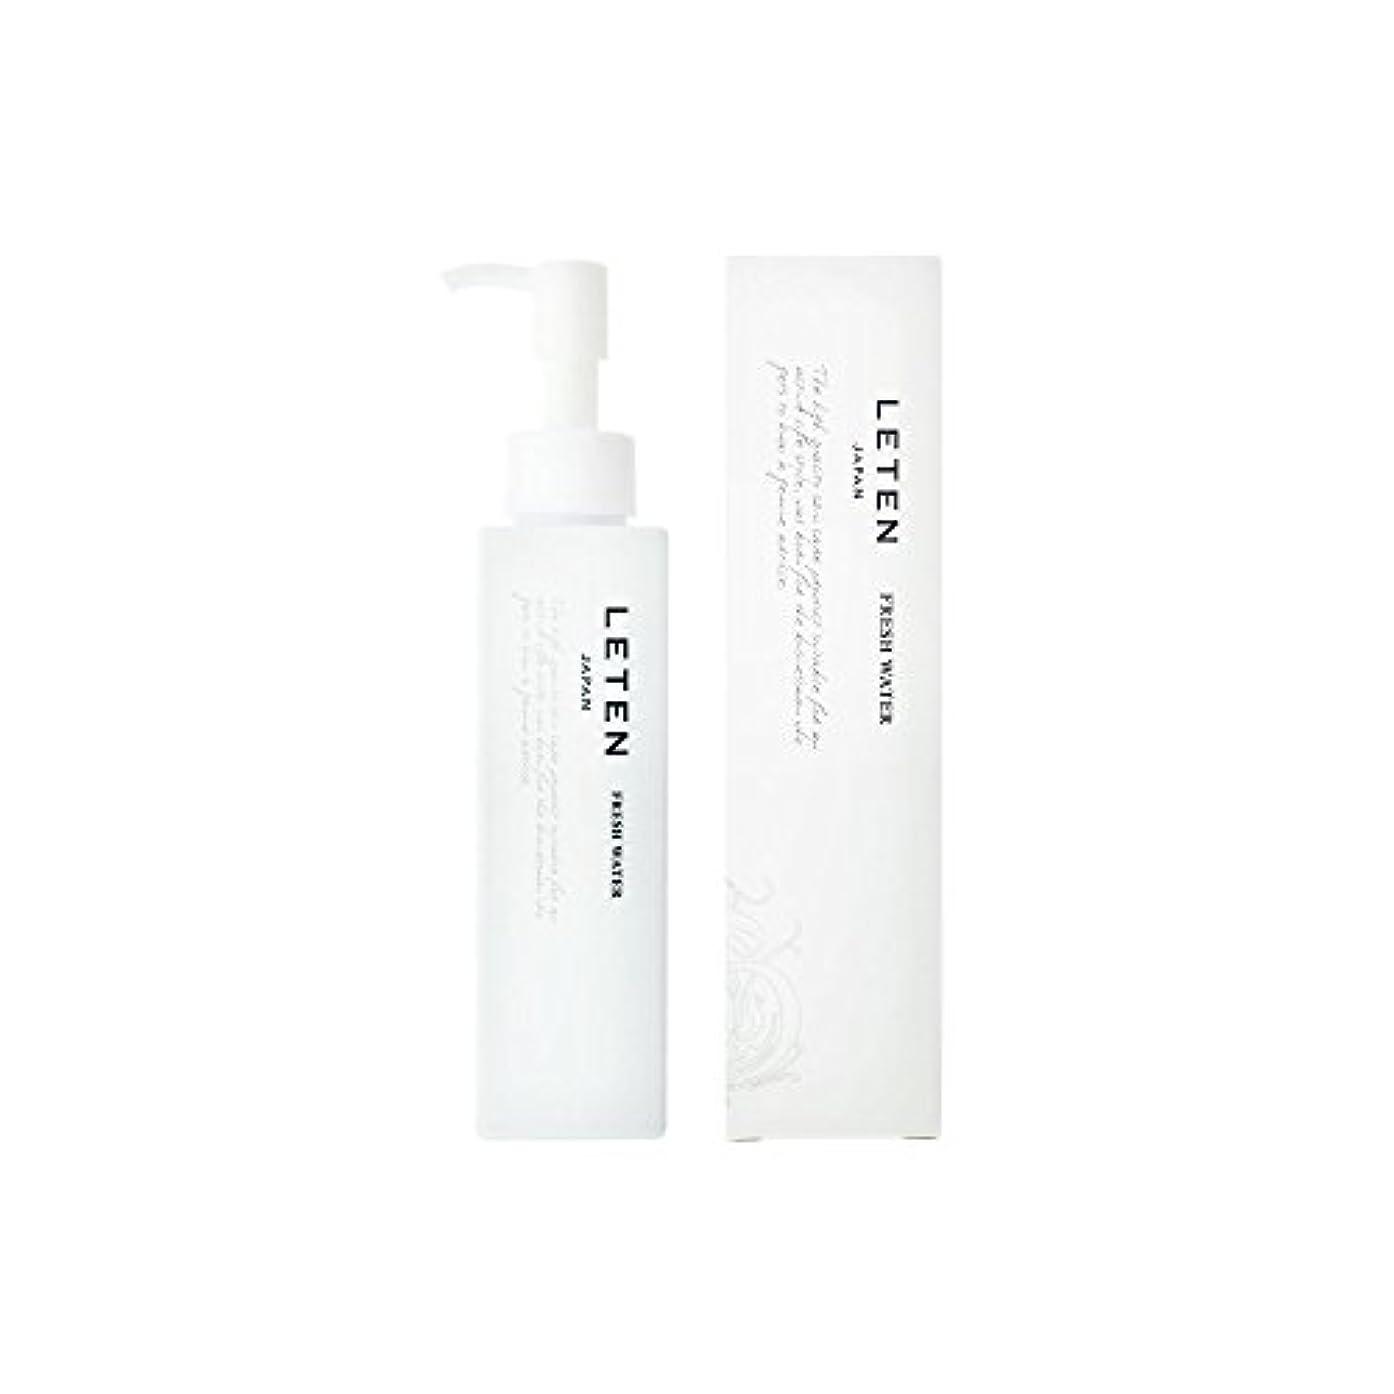 バング置くためにパック取り消すレテン (LETEN) フレッシュウォーター 150ml 化粧水 敏感肌